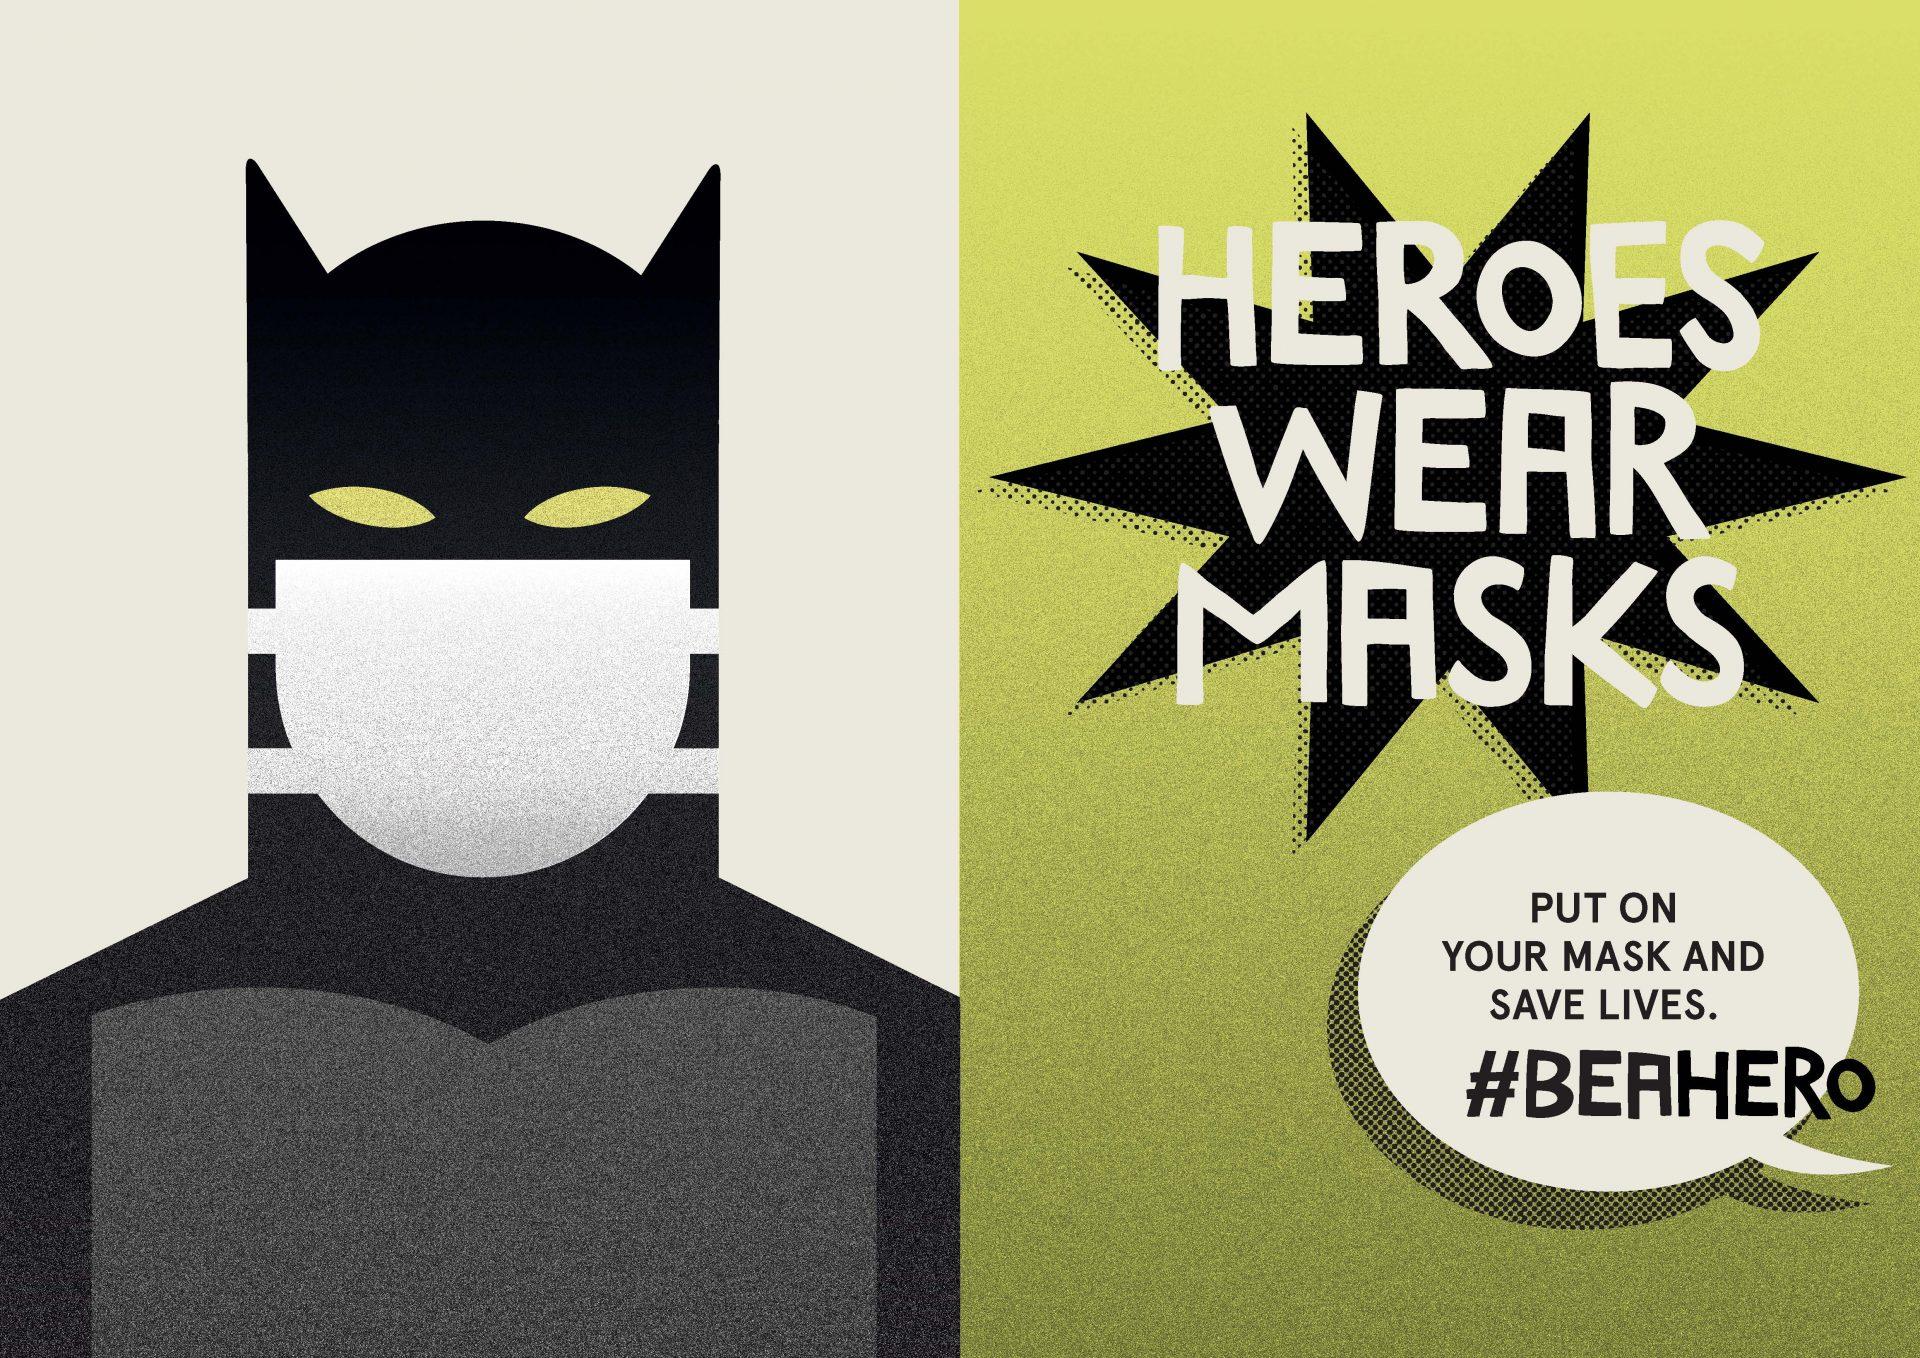 Heroes wear masks. Batman.